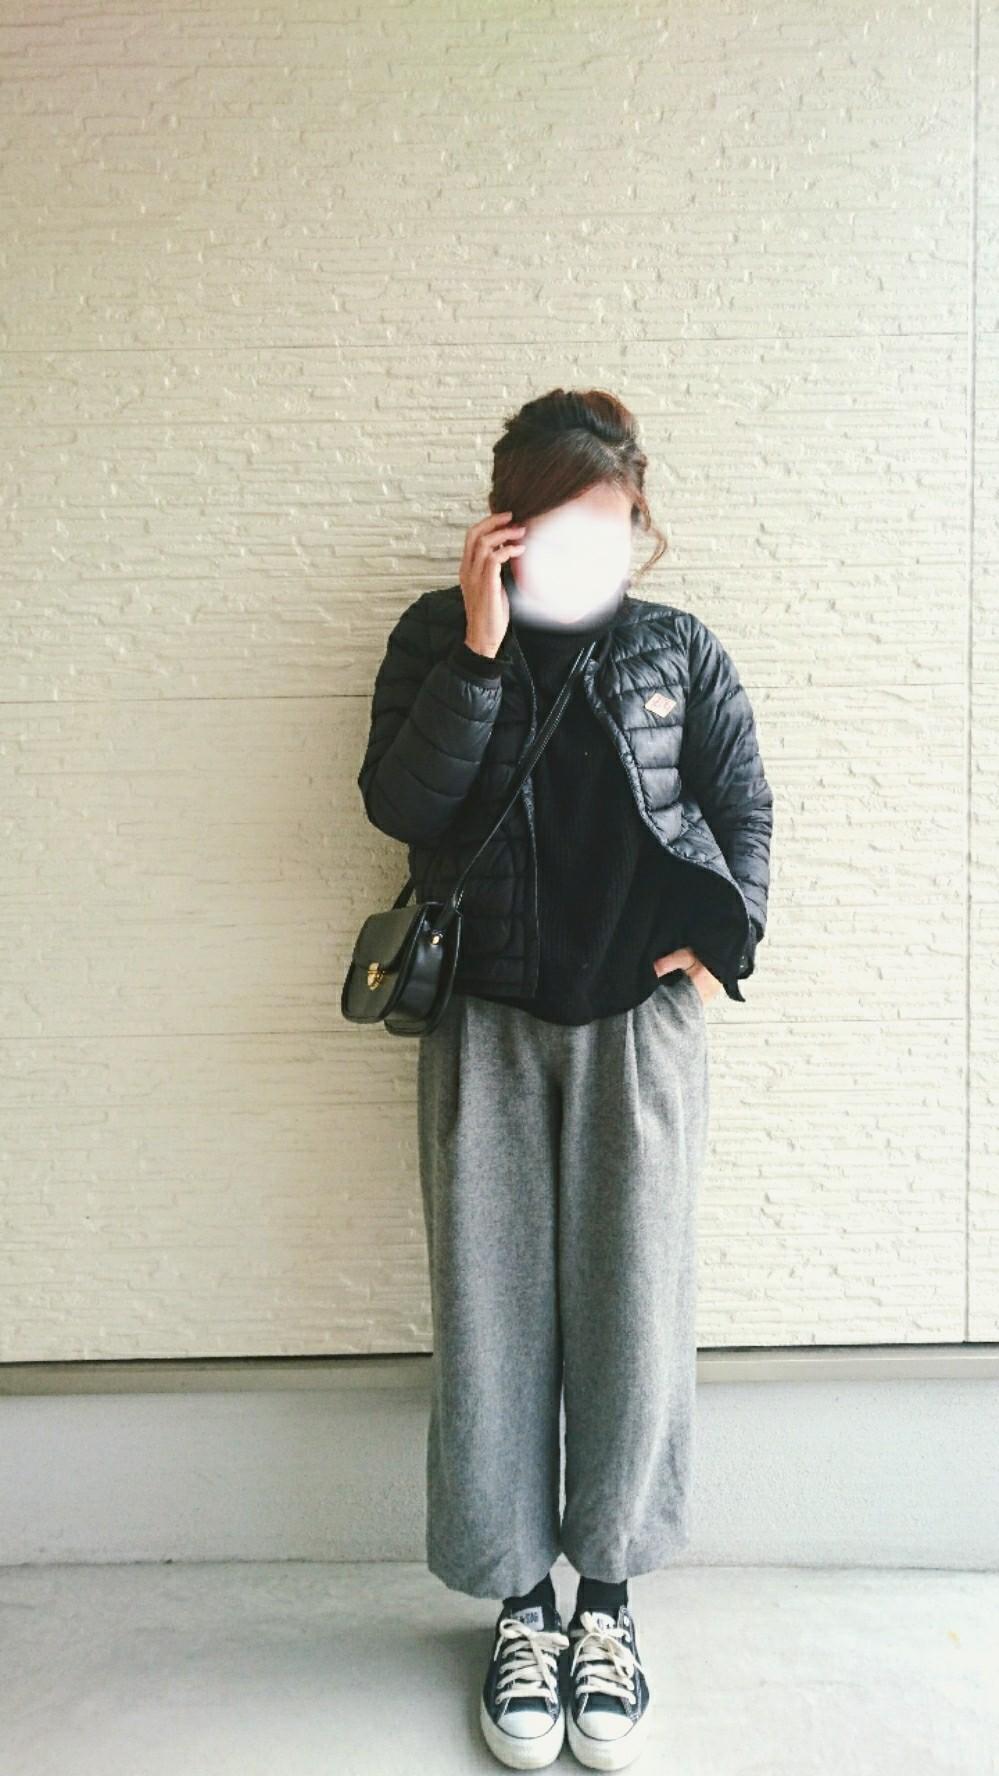 rakugaki_20180123182924246.jpg